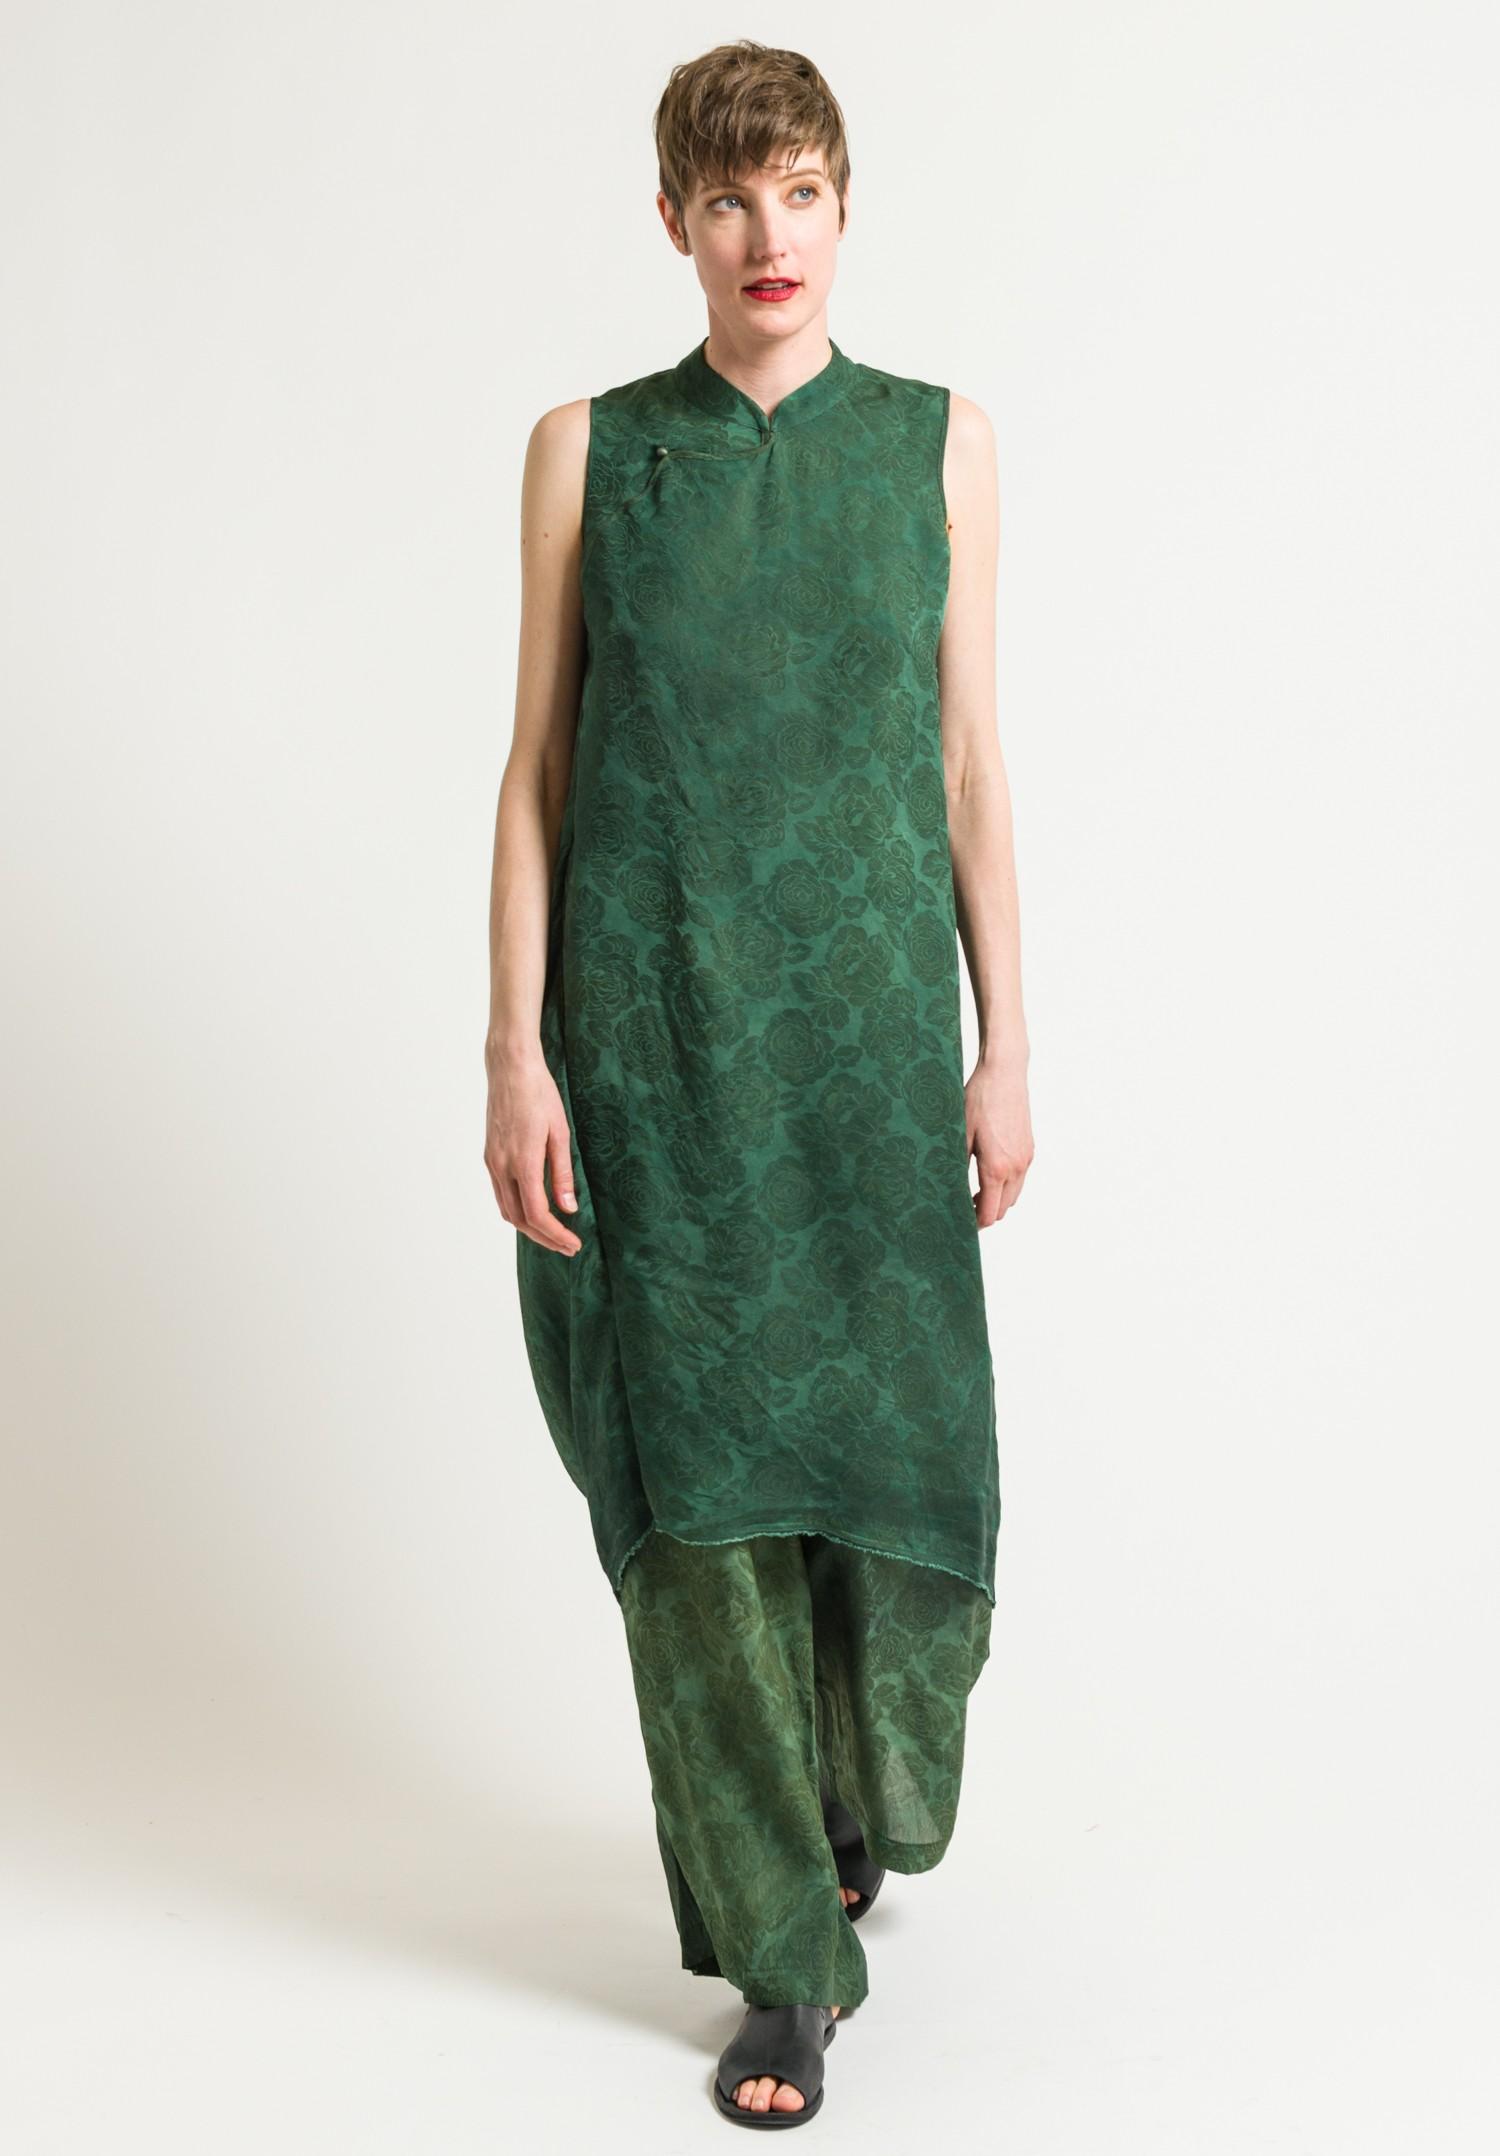 Uma Wang Stupore Agna Dress In Green Santa Fe Dry Goods